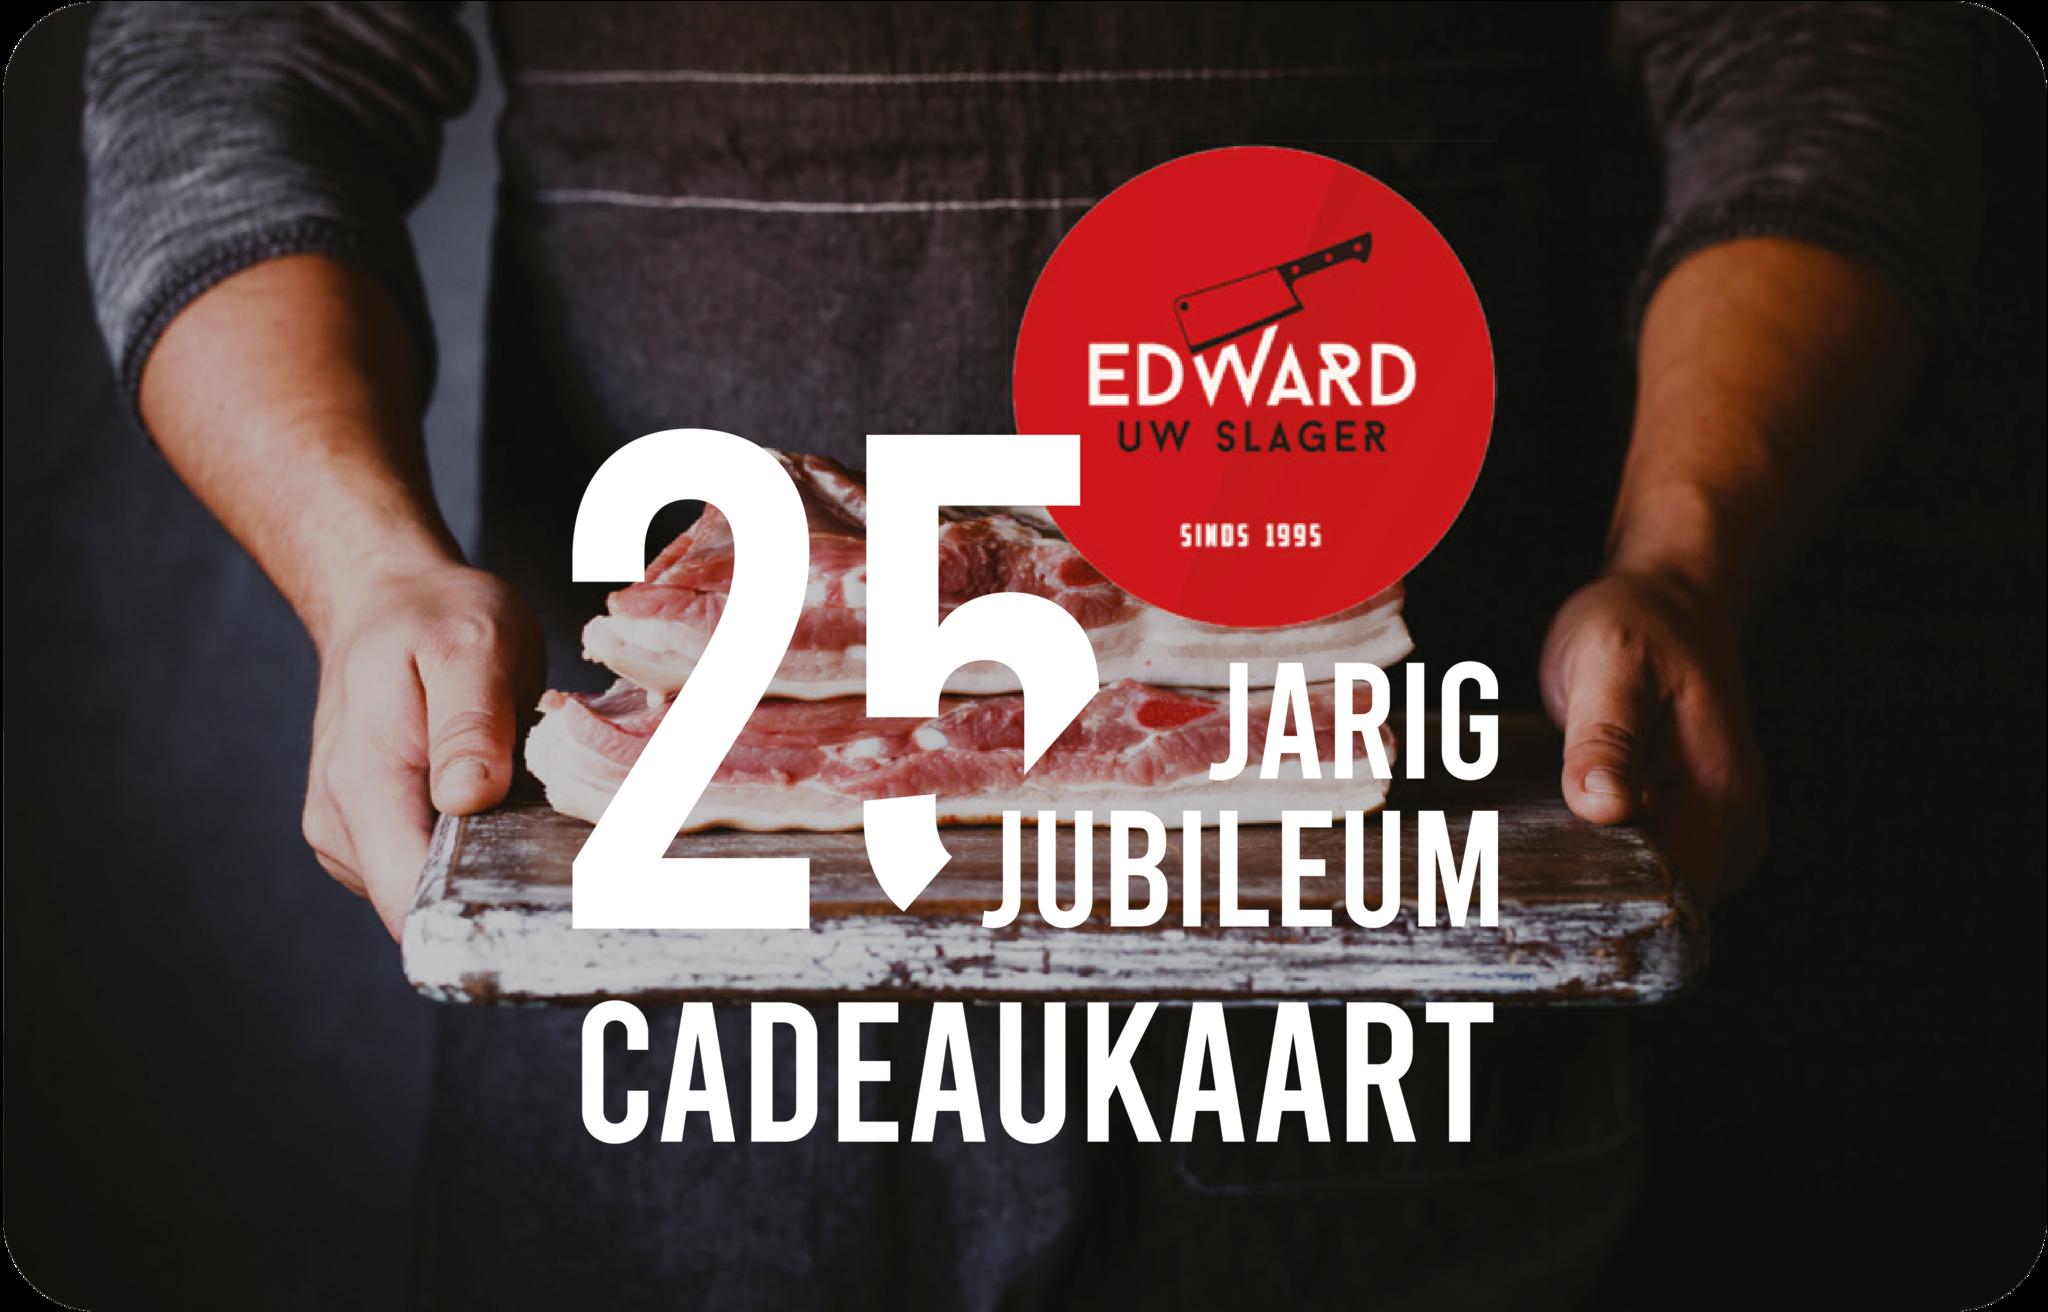 Edward Uw Slager-1